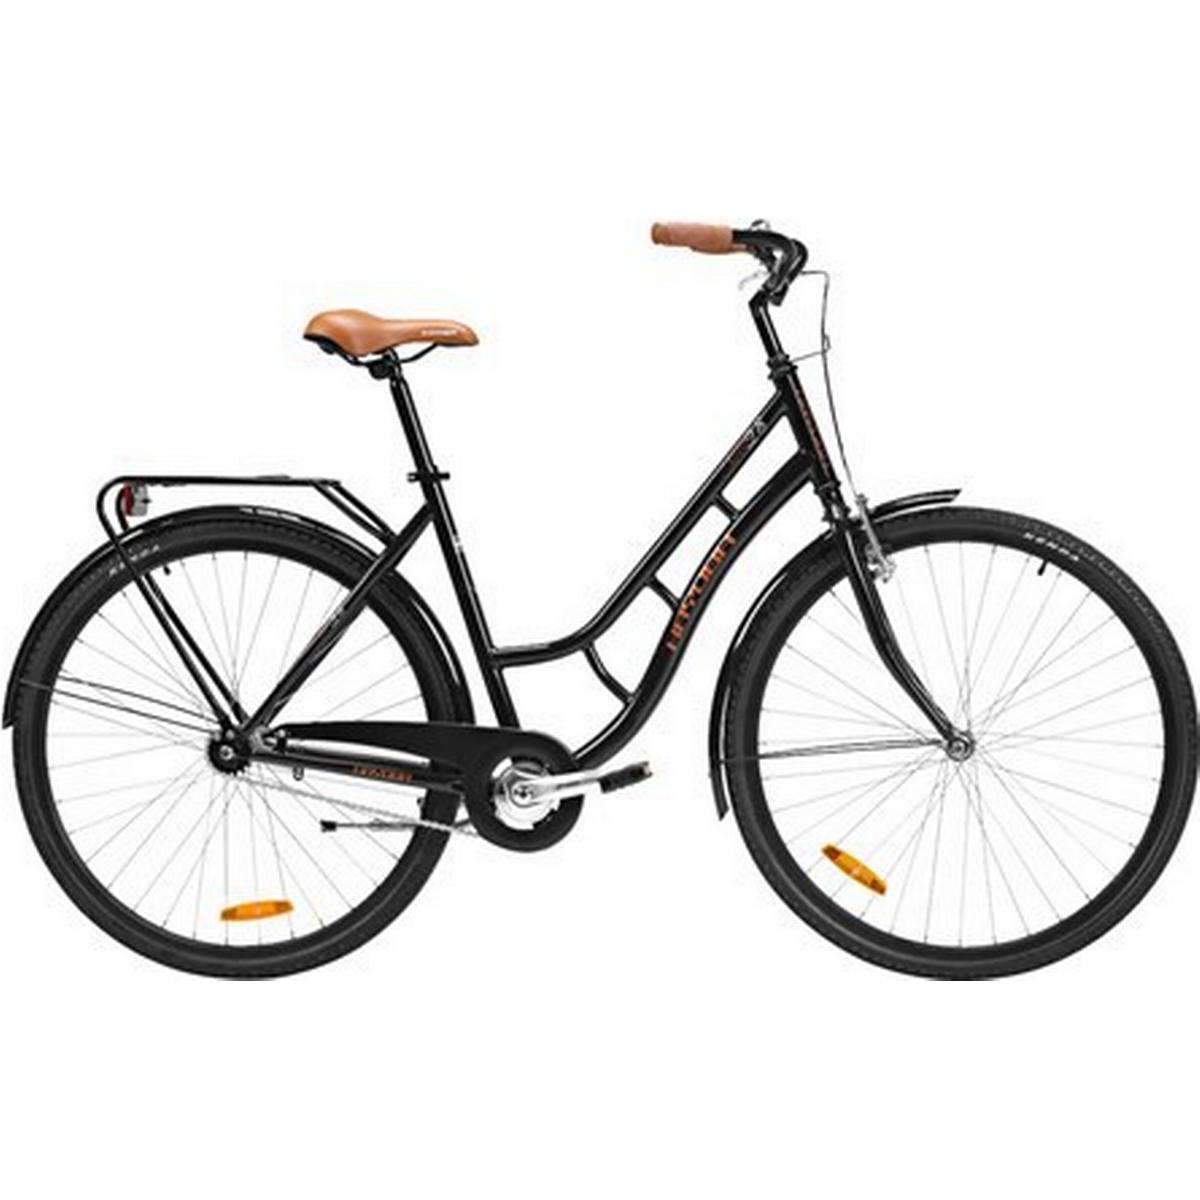 Unika Kayoba 28 cyklar online - Jämför priser på de bästa cyklarna med FO-91